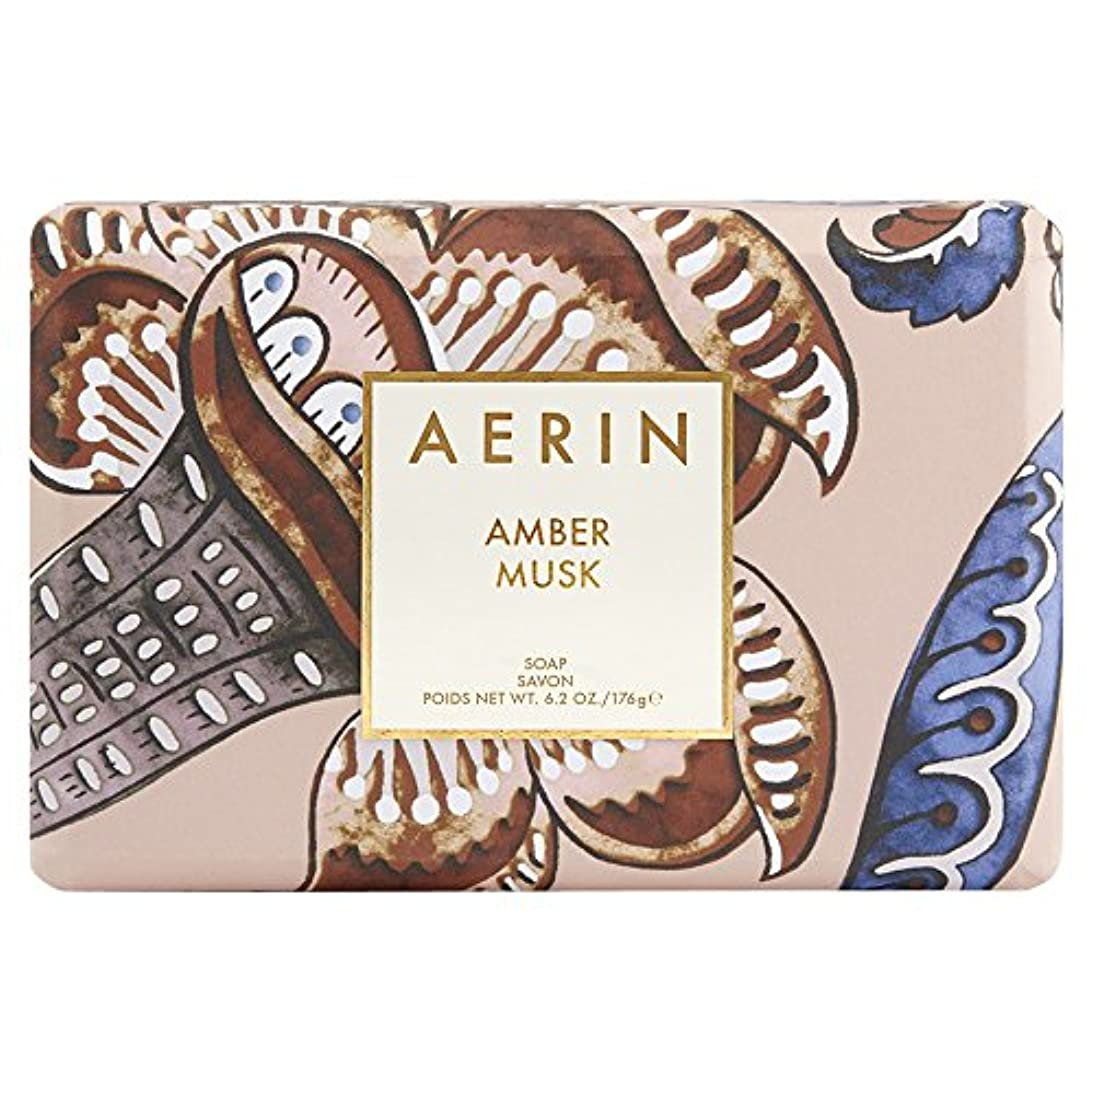 先生頂点違反Aerinアンバームスクソープ176グラム (AERIN) (x2) - AERIN Amber Musk Soap 176g (Pack of 2) [並行輸入品]